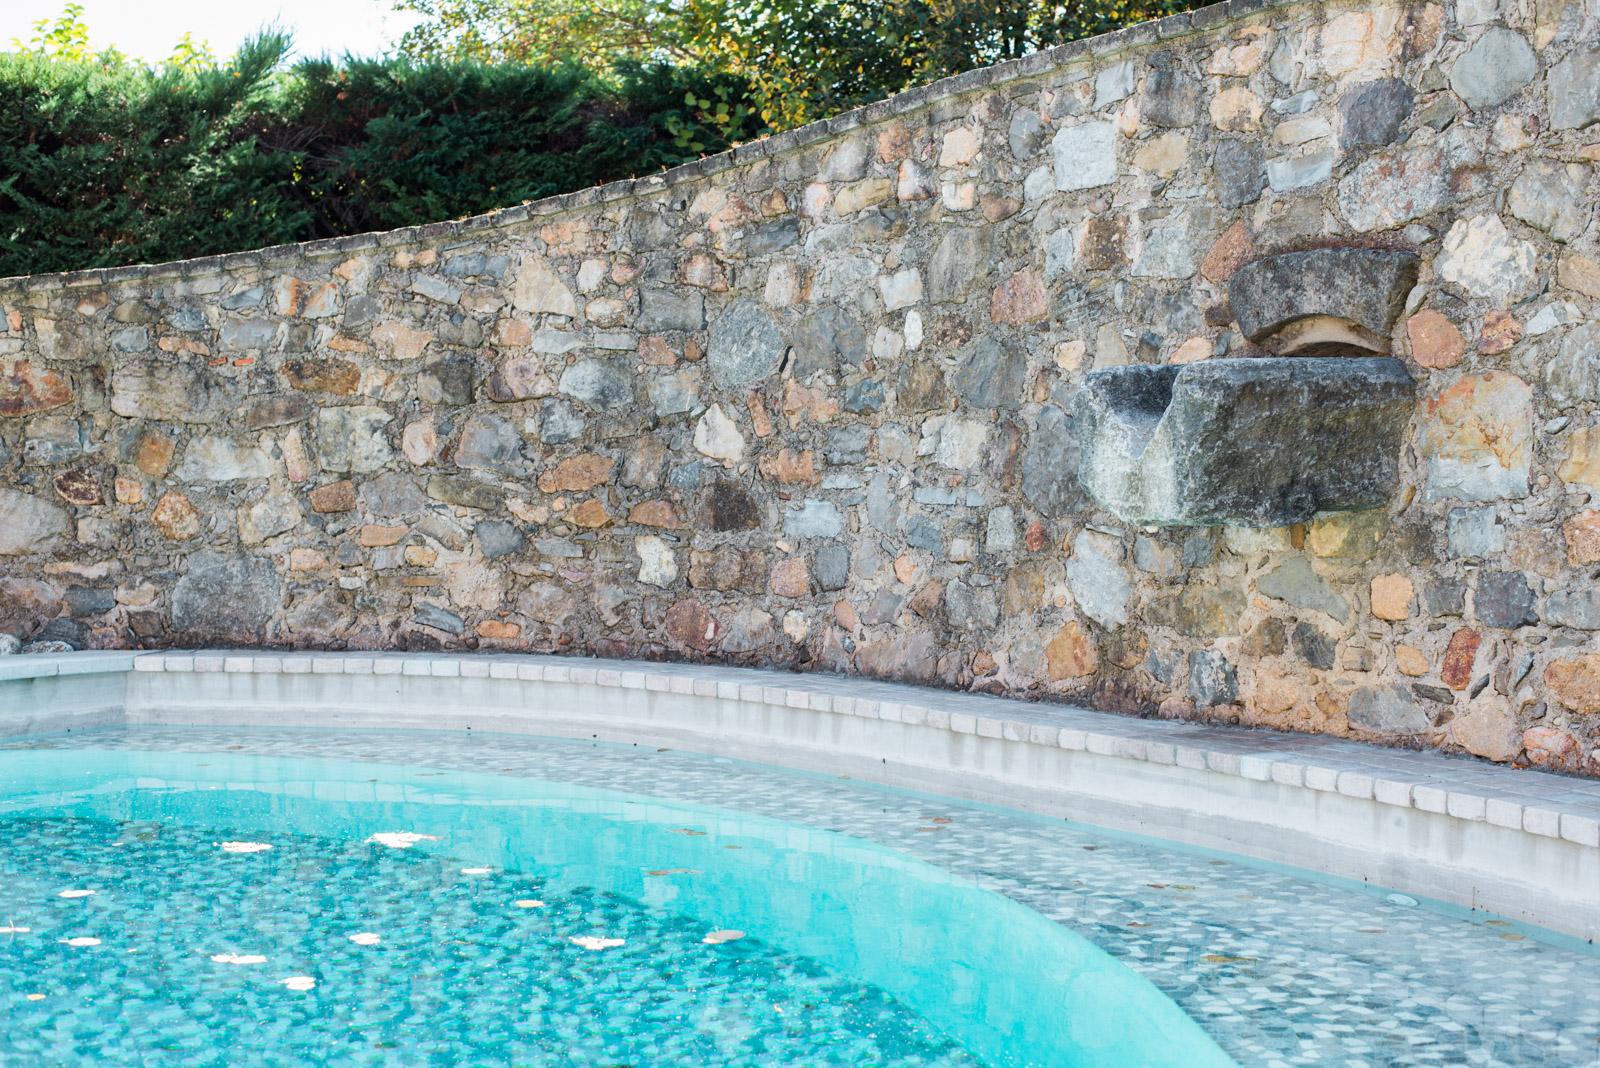 Détails architecture de la piscine